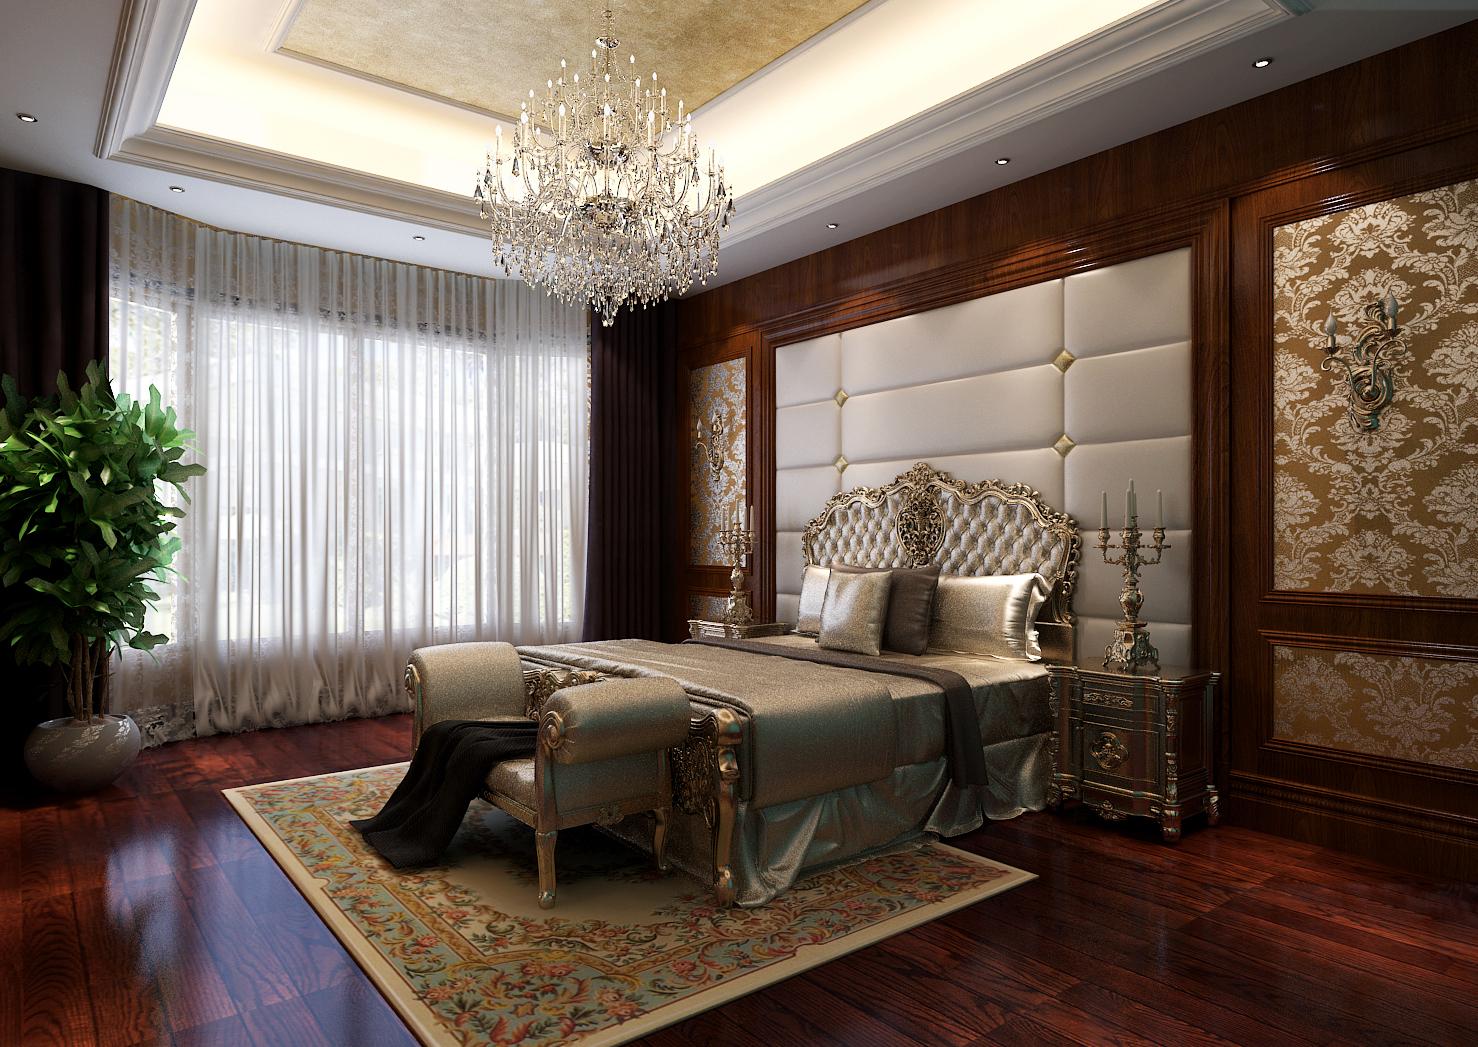 别墅 欧式 别墅设计 别墅装修 奢华 气质 卧室图片来自高度国际装饰韩冰在玲珑塔欧式奢华缔造经典的分享